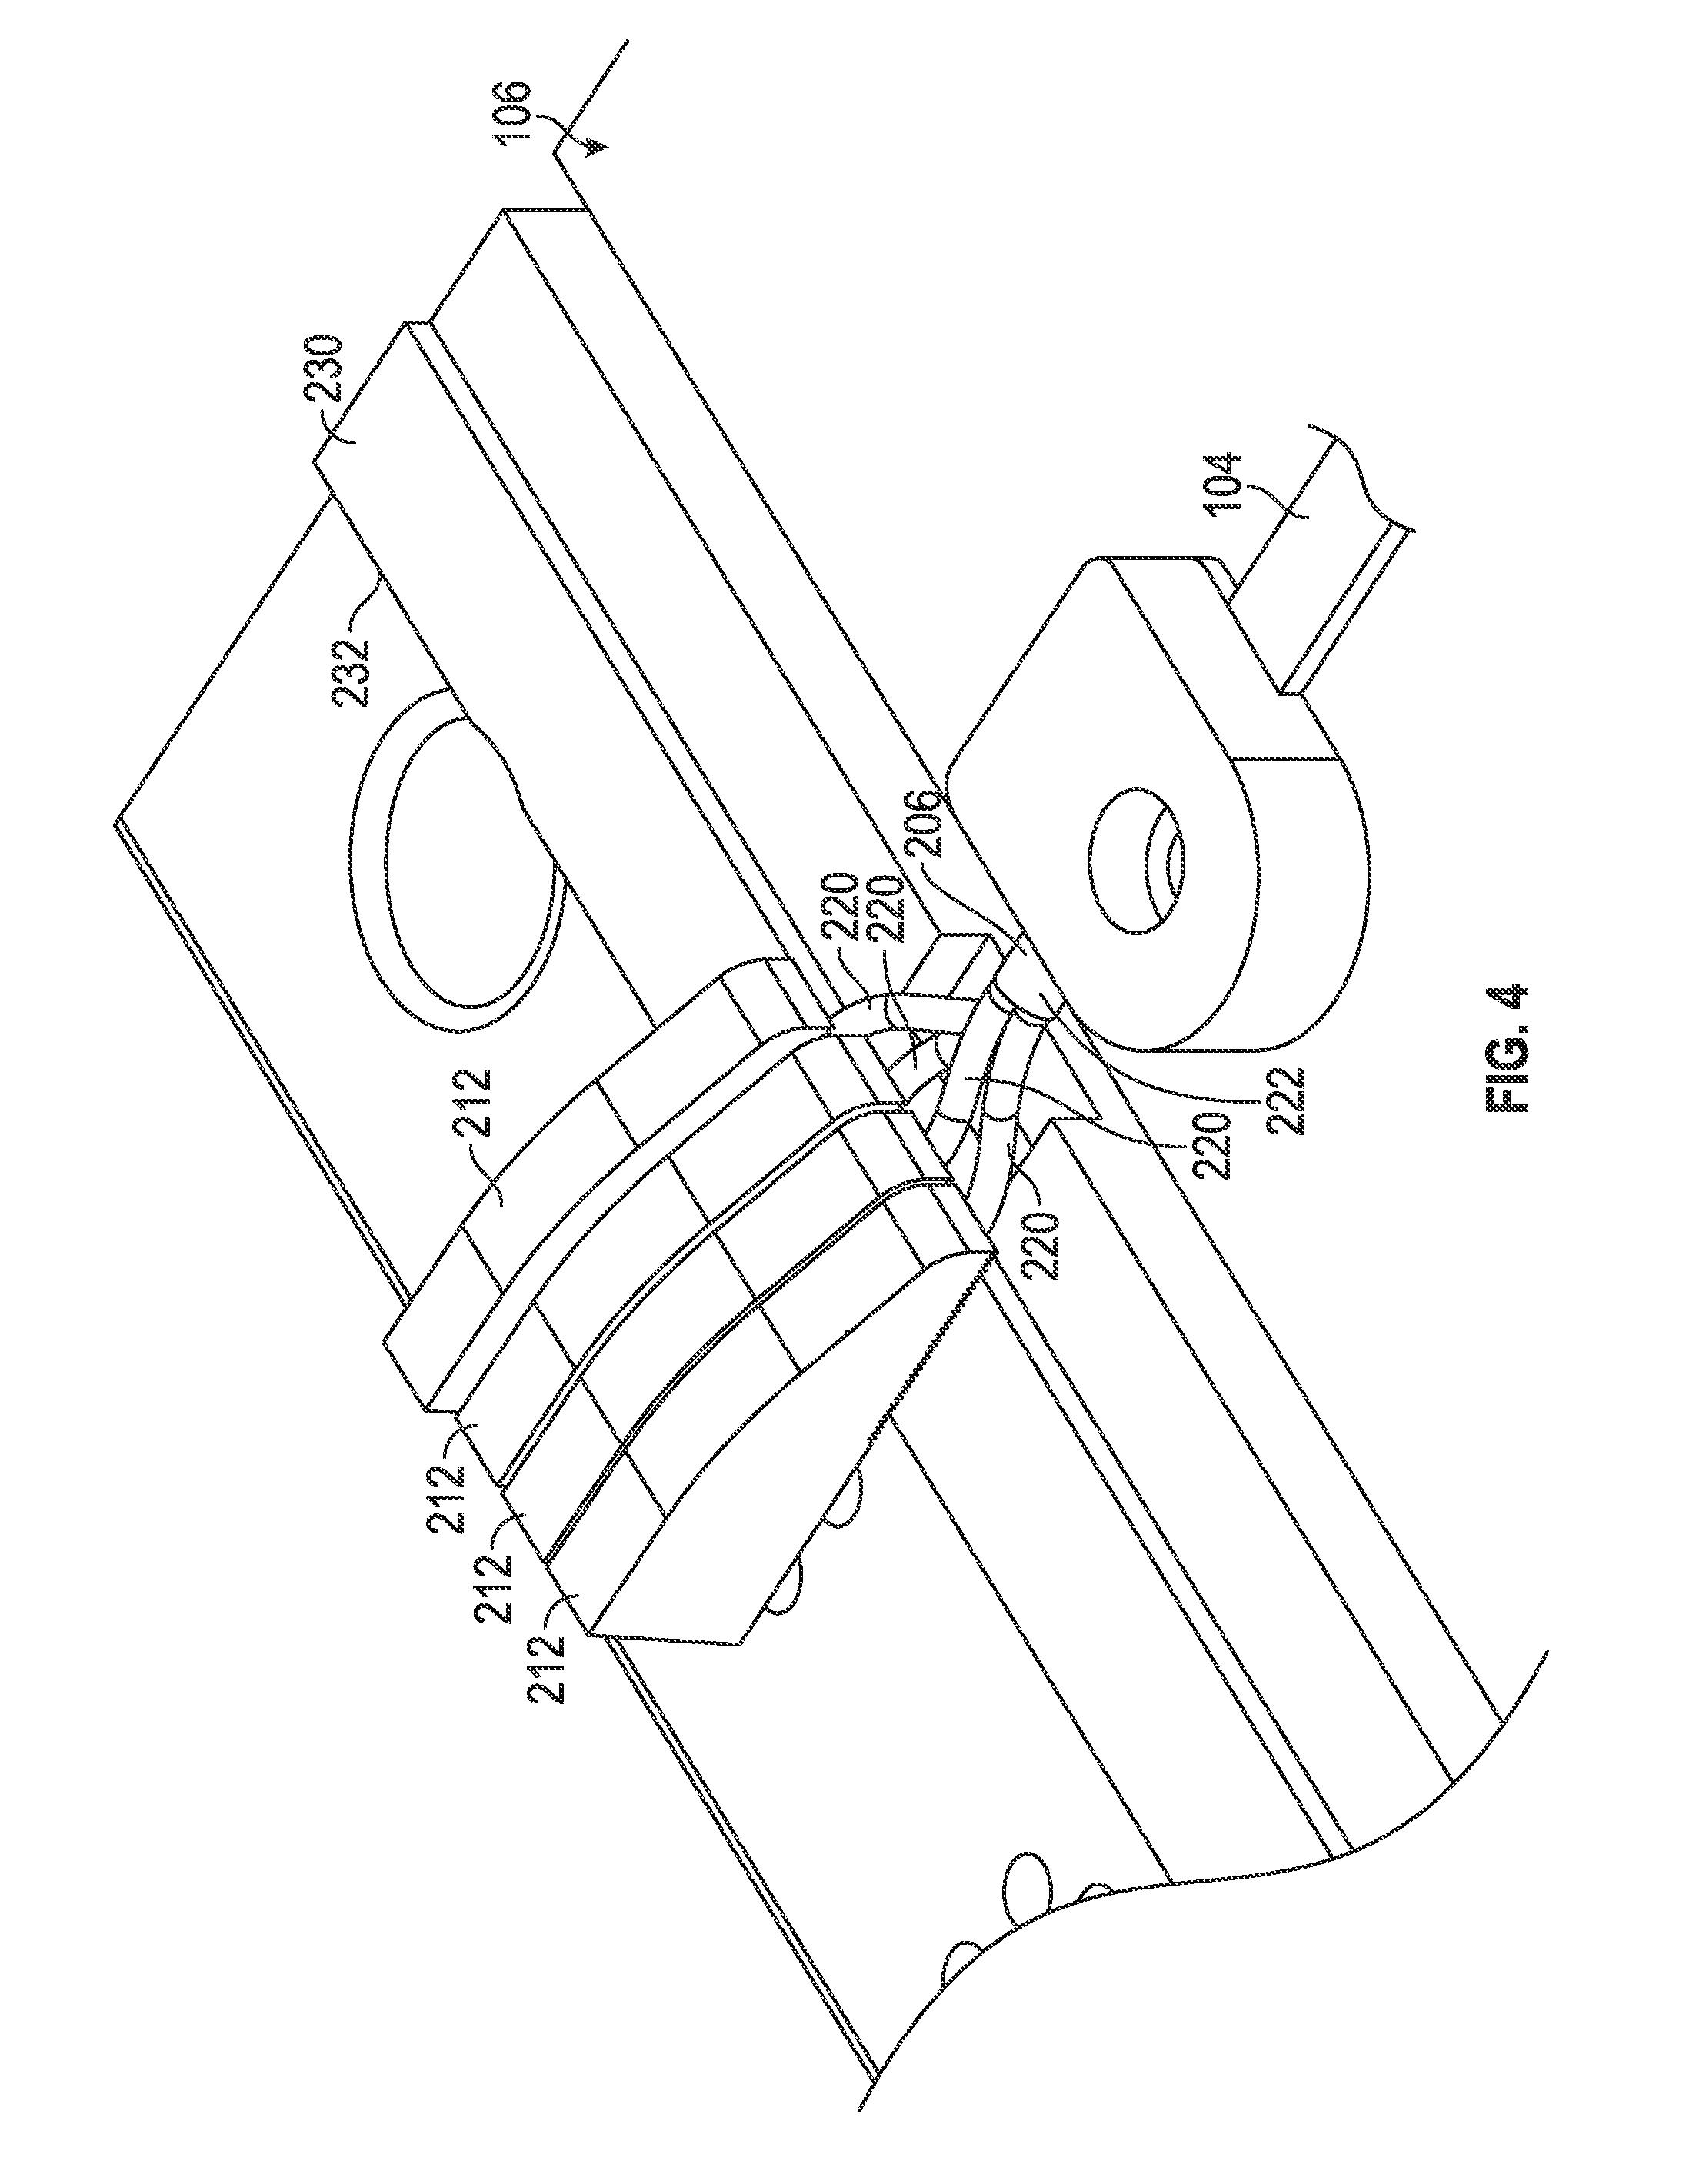 Hitec Servo Wiring Diagram Futaba Pinout Diagrams Get Free Image About Motor